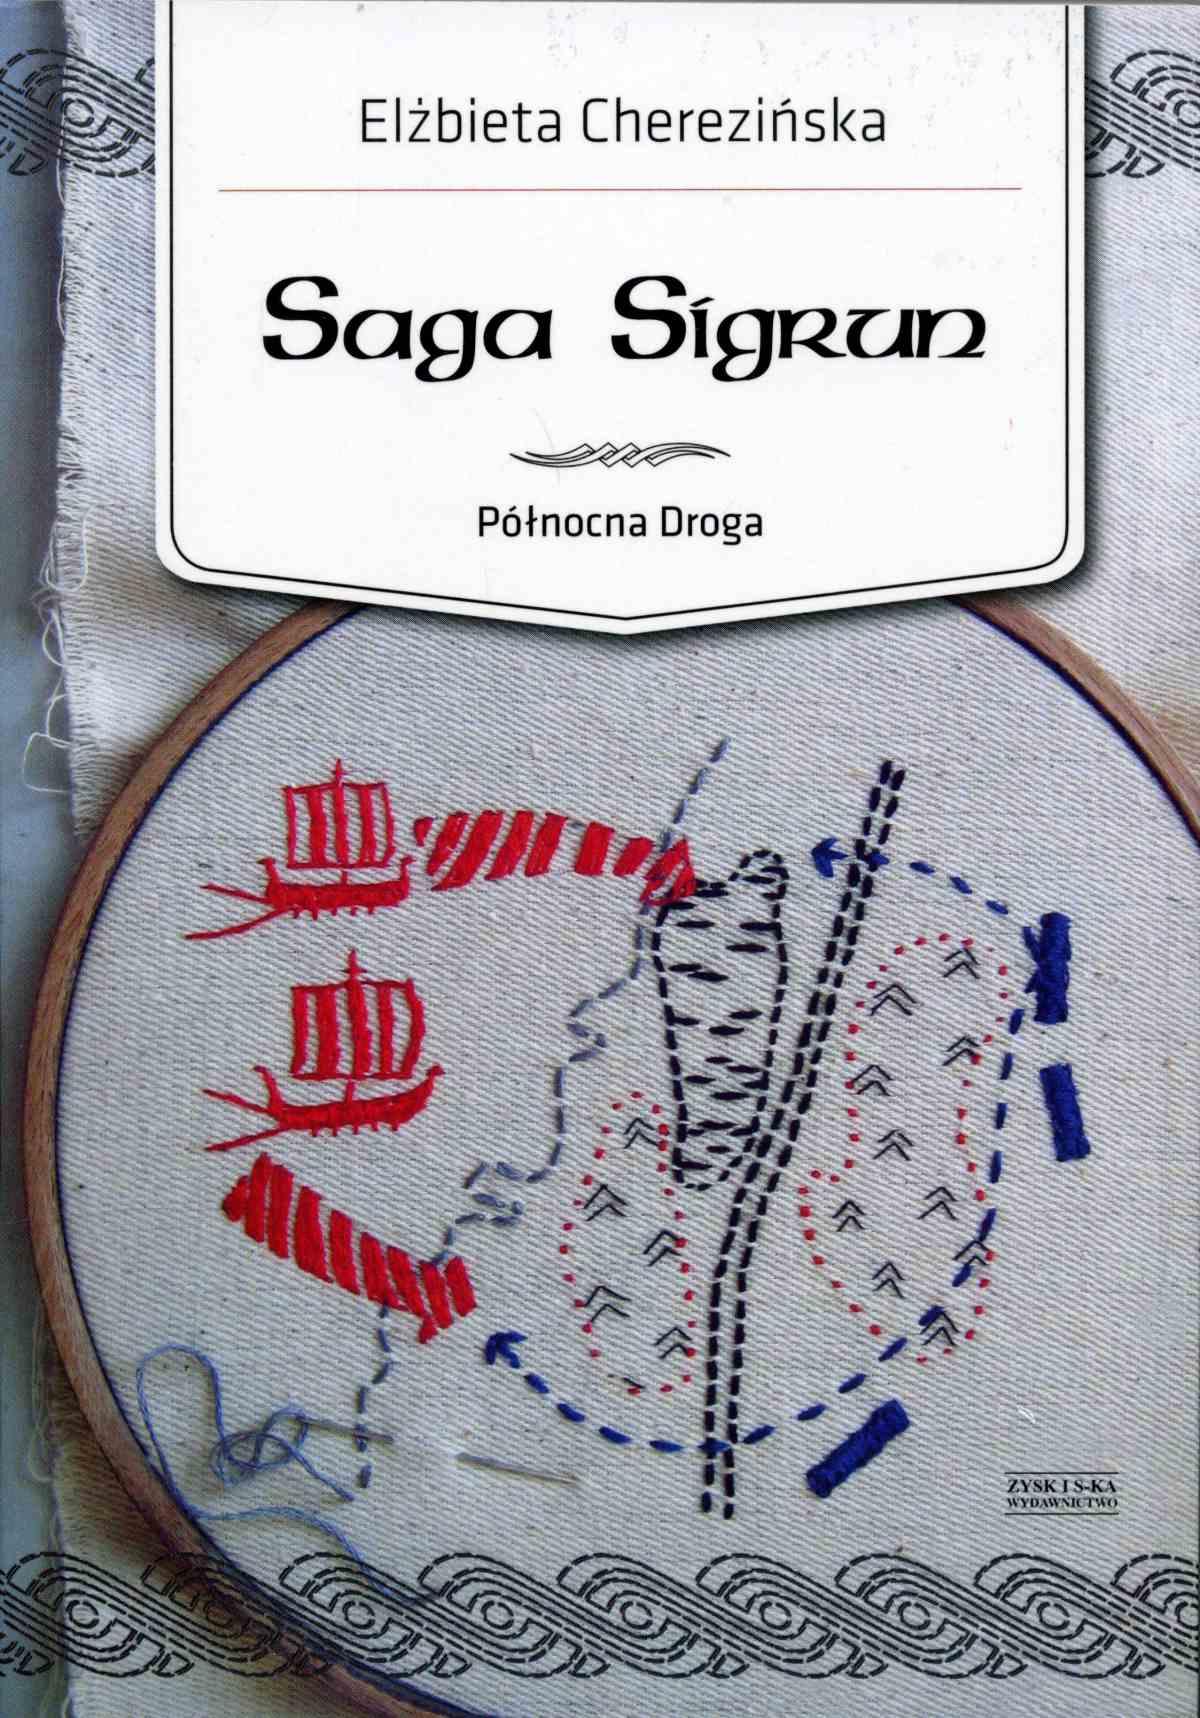 Saga Sigrun - Ebook (Książka EPUB) do pobrania w formacie EPUB